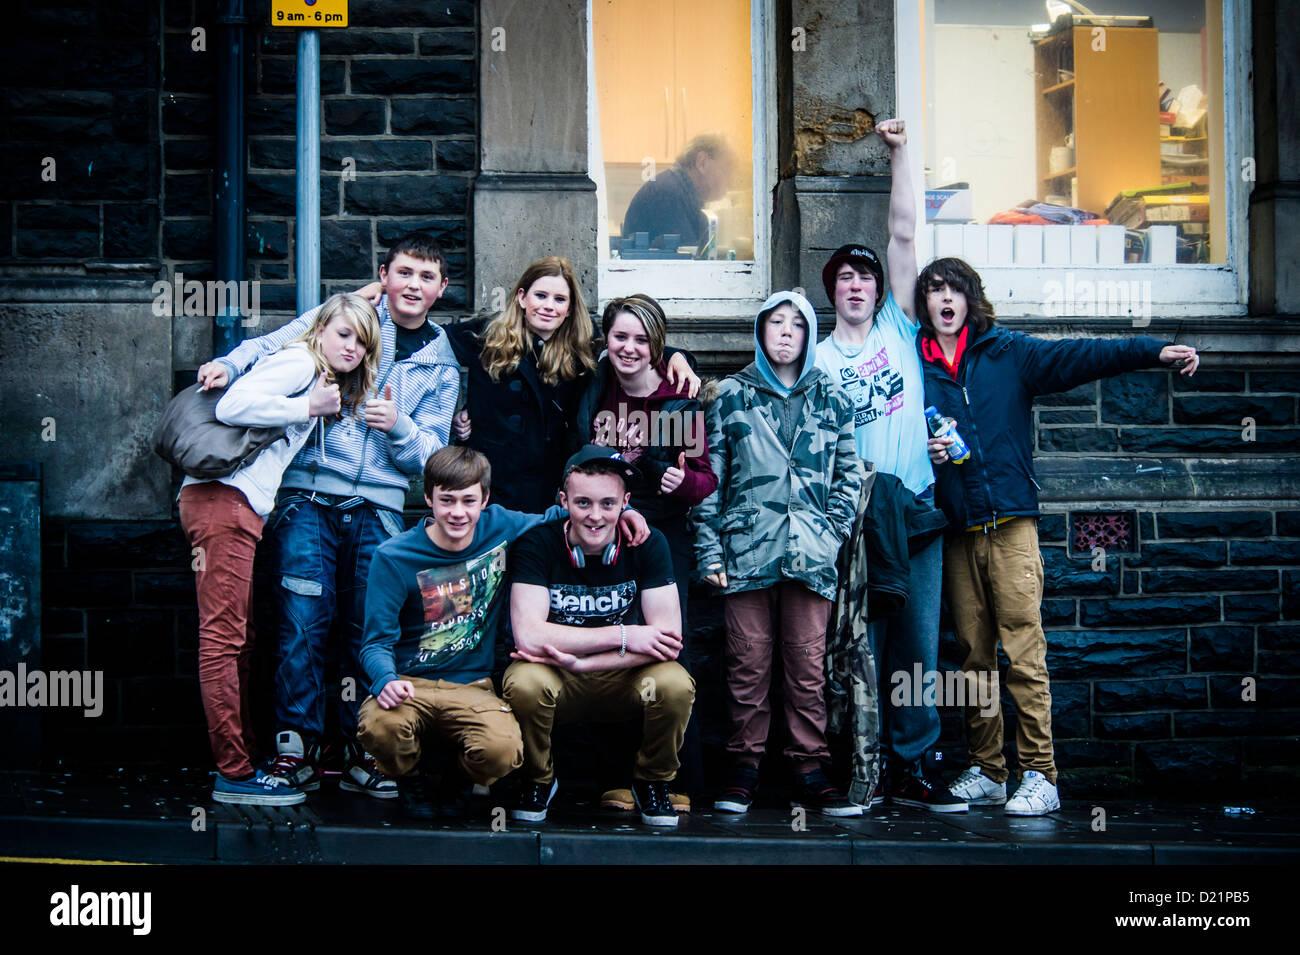 Teen amazing group gang